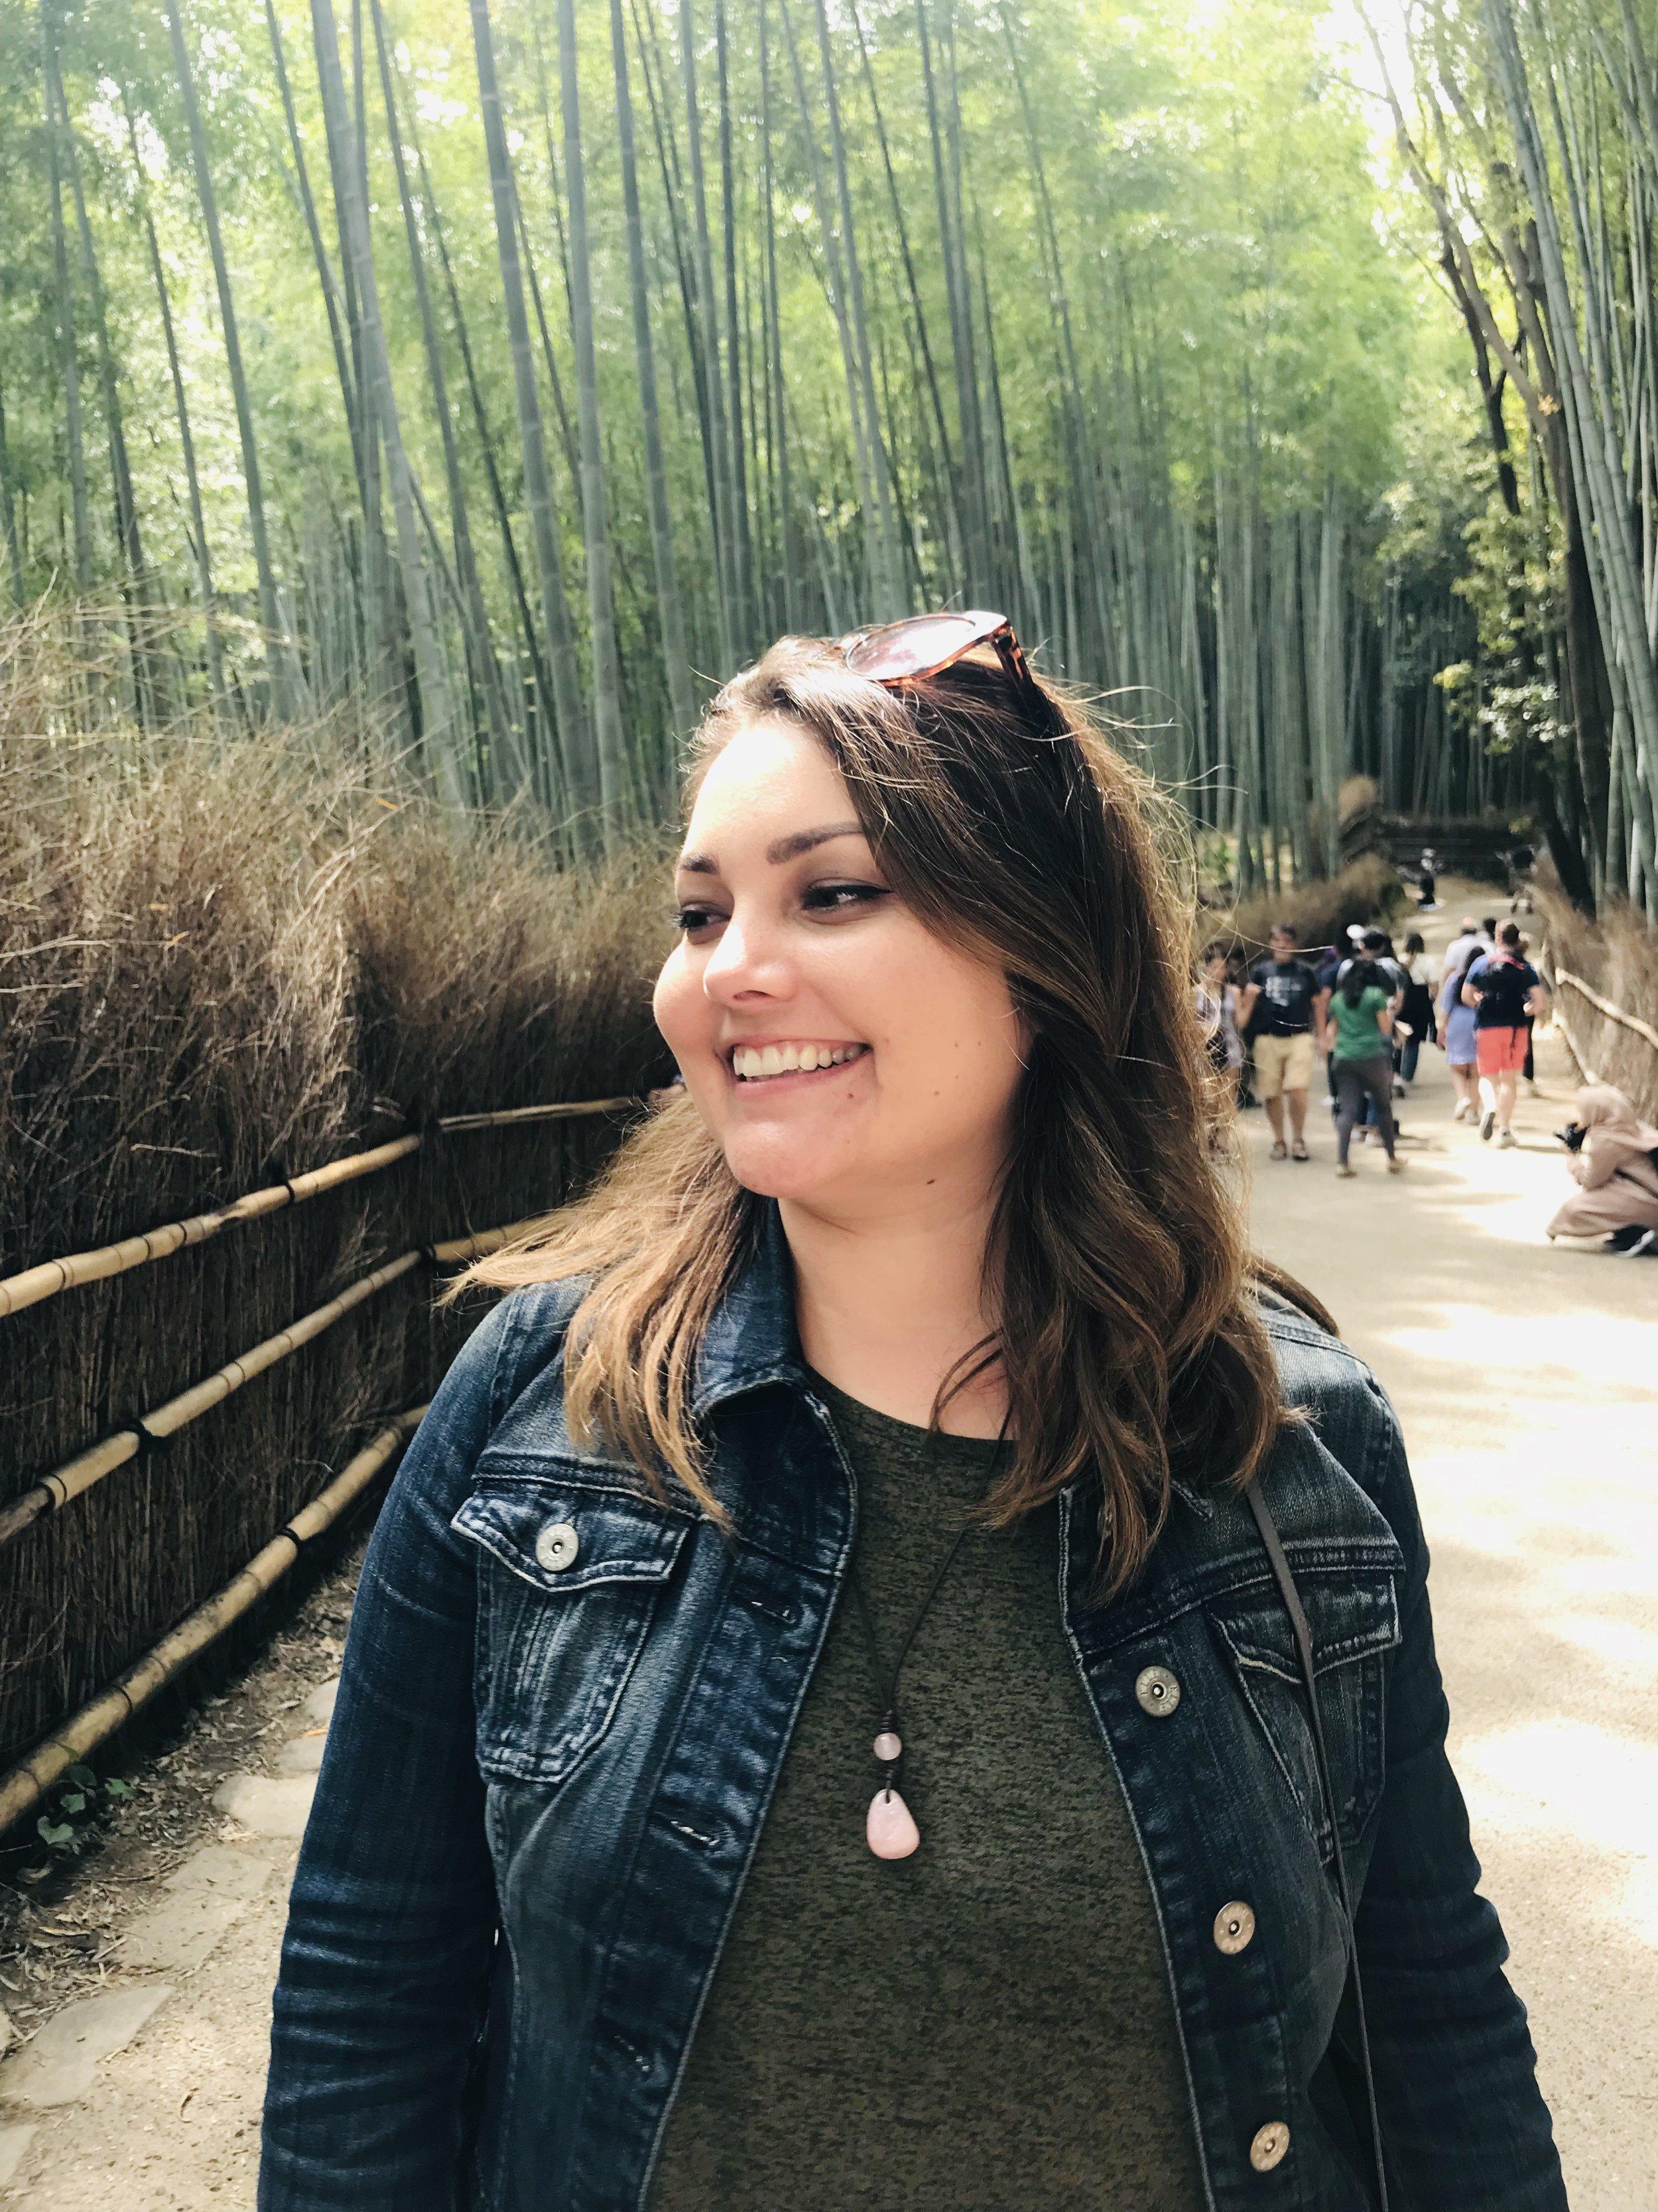 Feeling joyful at the Arashiyama Bamboo Grove